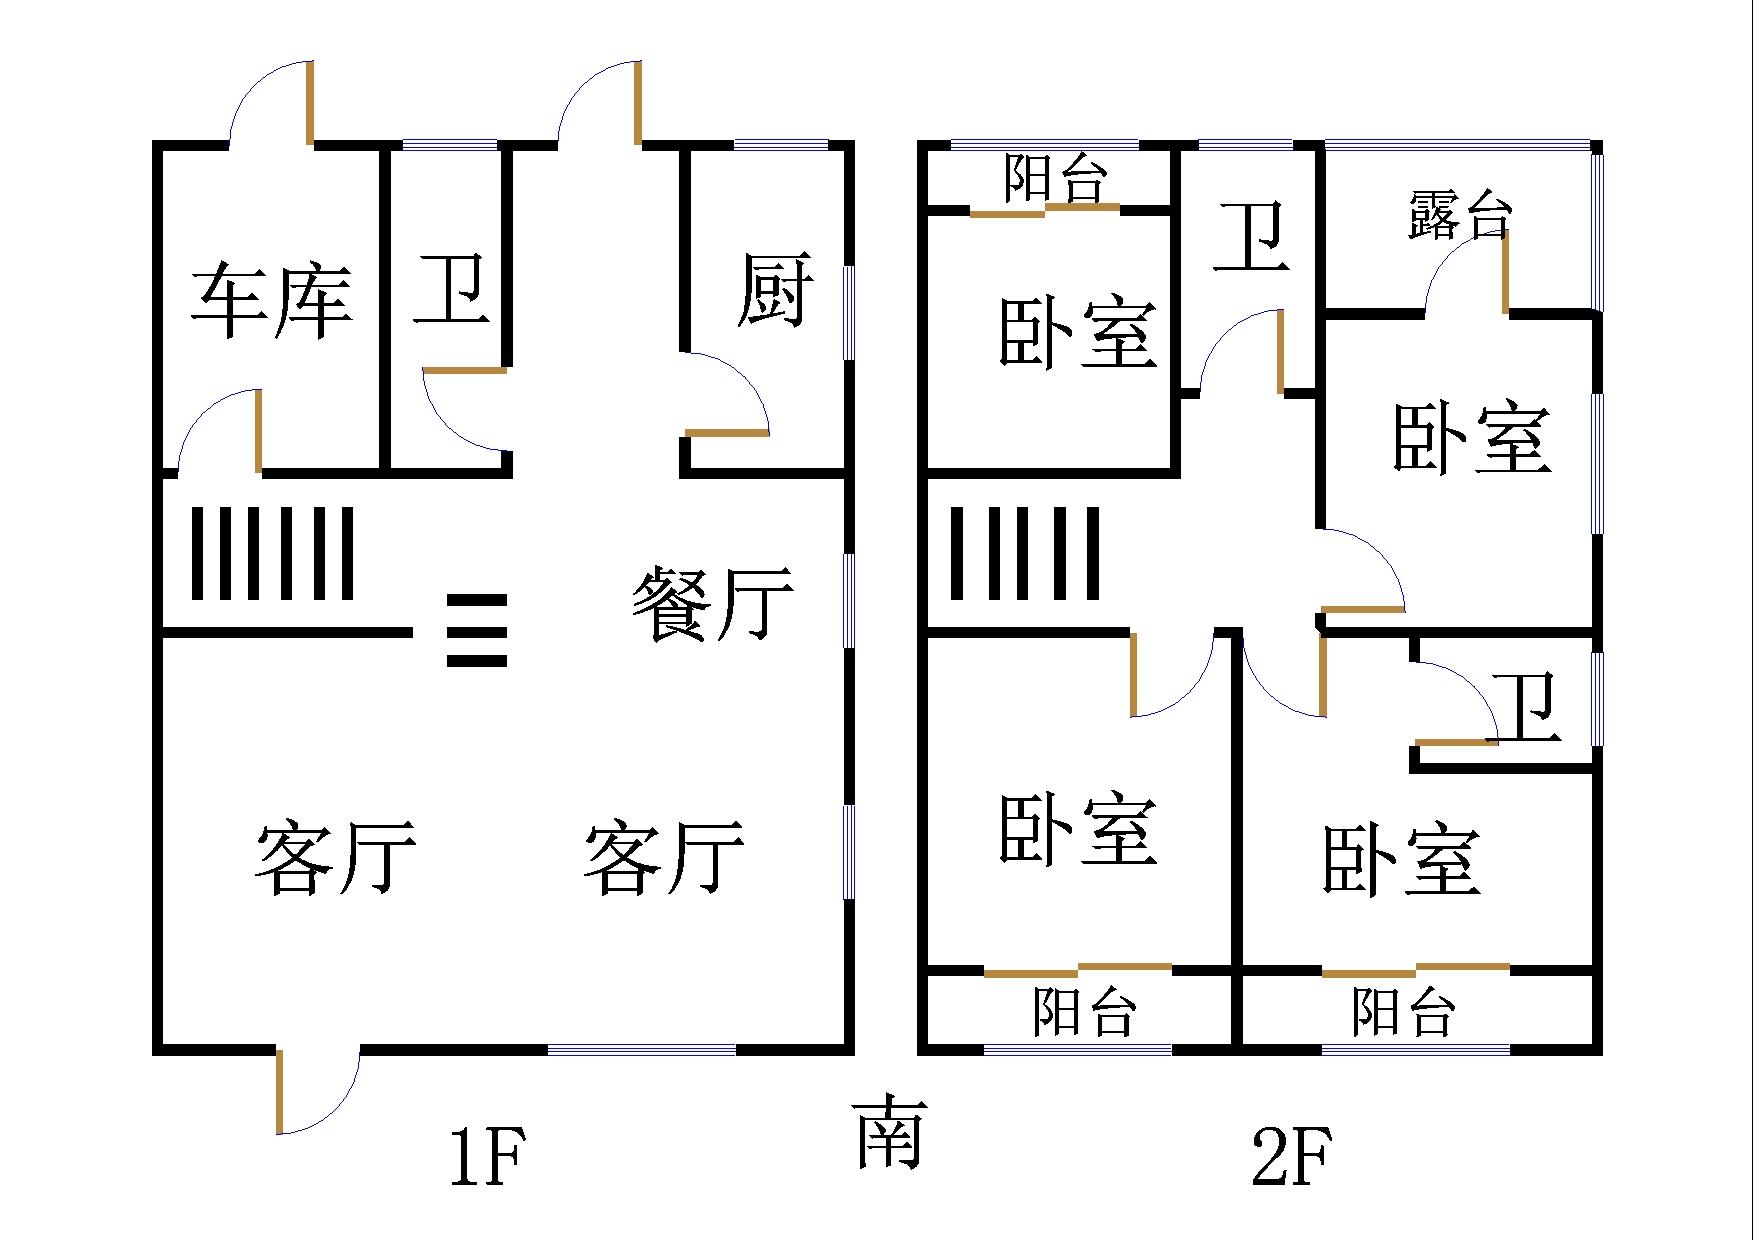 凯元山庄 5室2厅 双证齐全 简装 330万